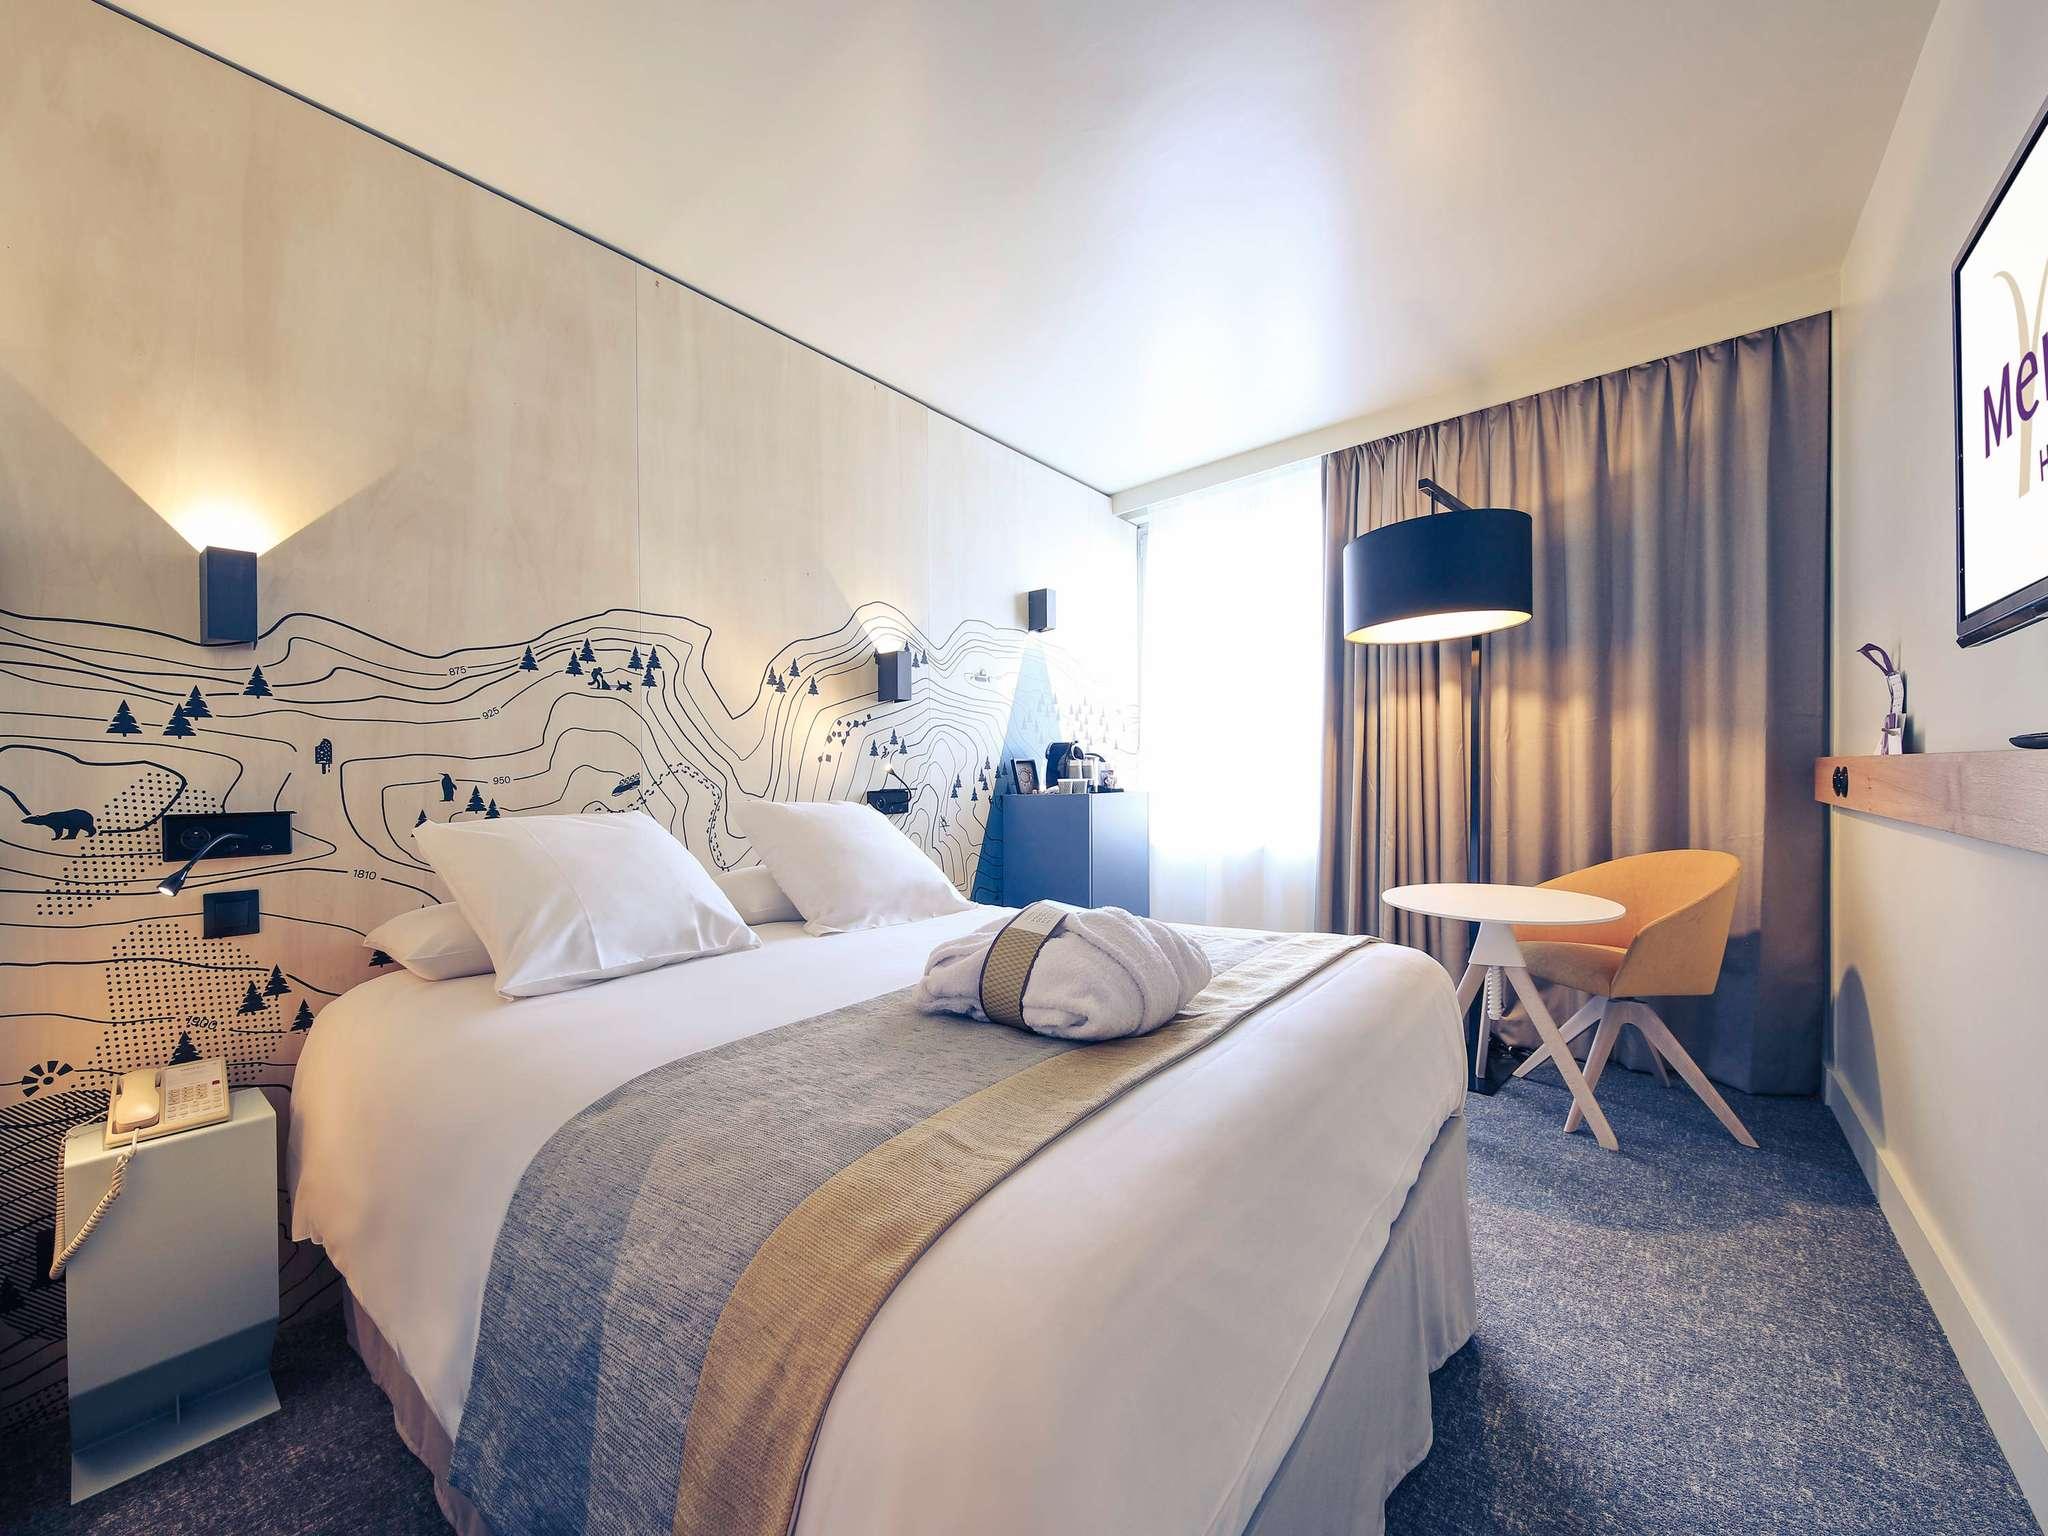 Hotel – Hotel Mercure Grenoble Centre Alpotel